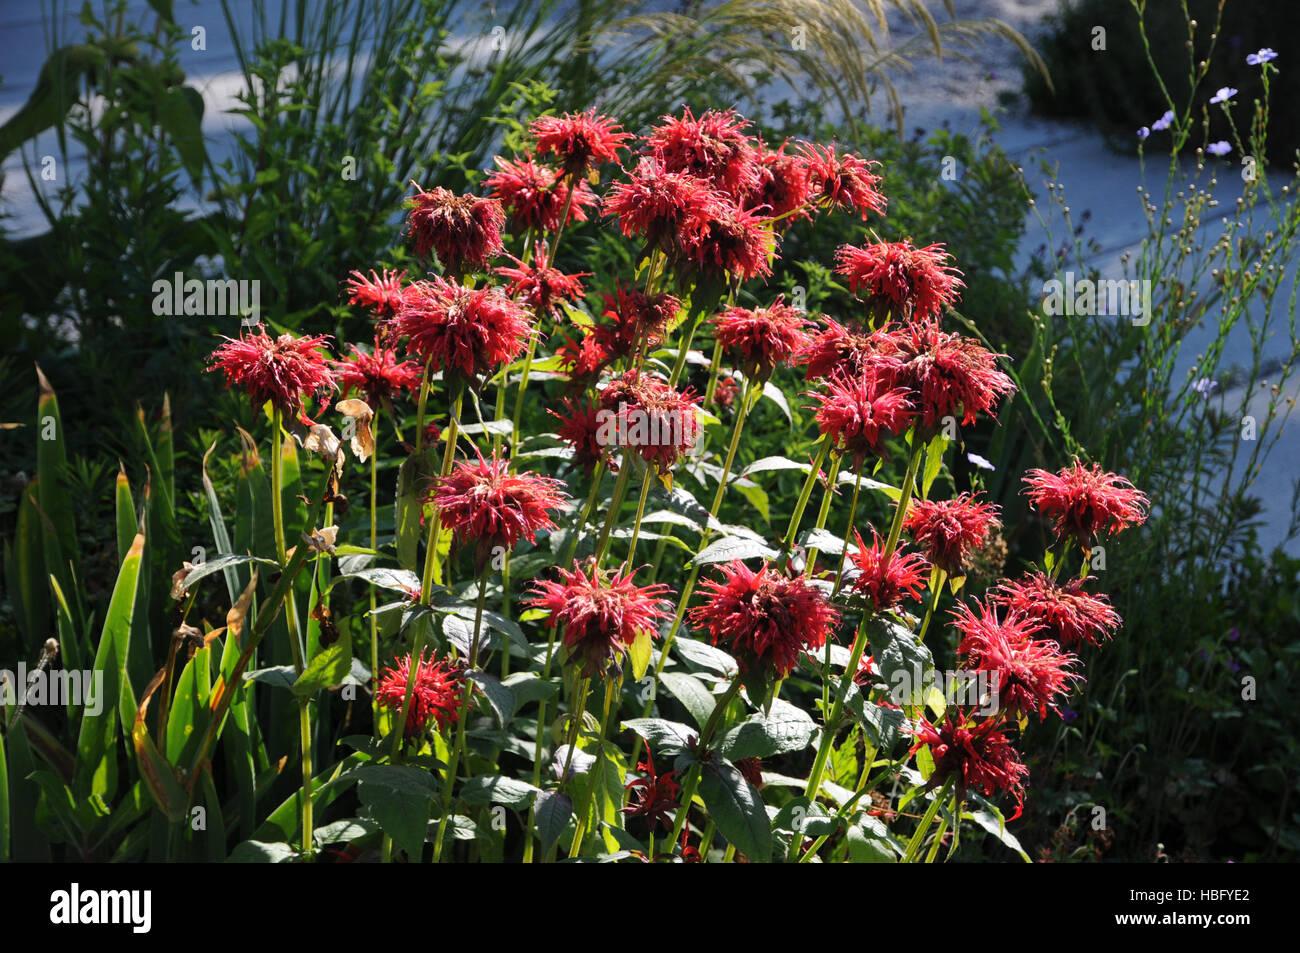 Monarda didyma, Bee balm - Stock Image